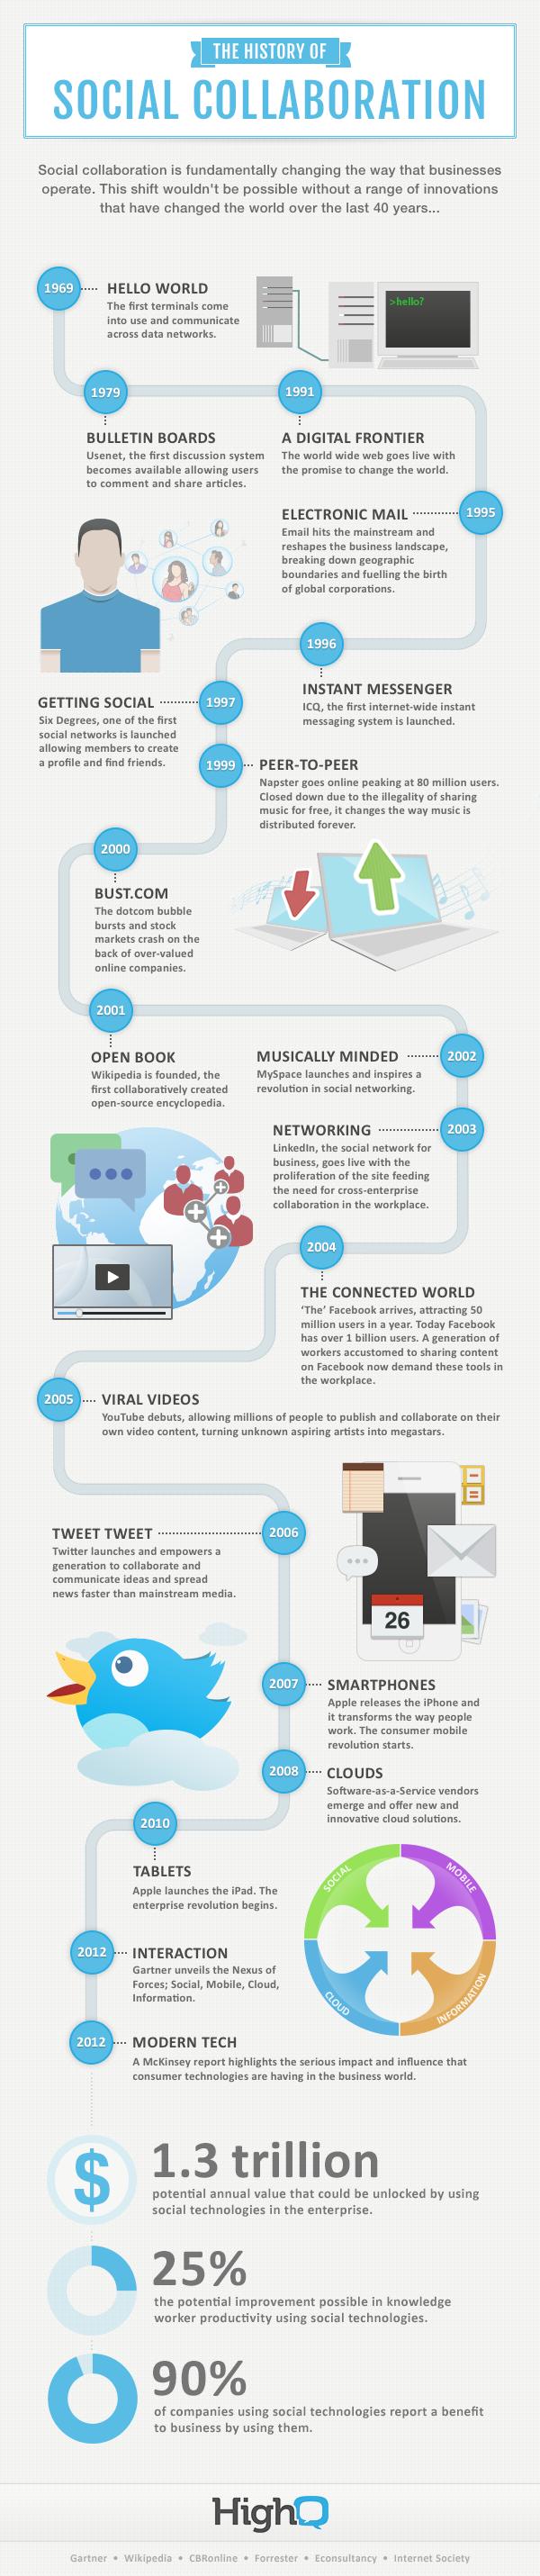 HighQ_infographic_v3b_3155